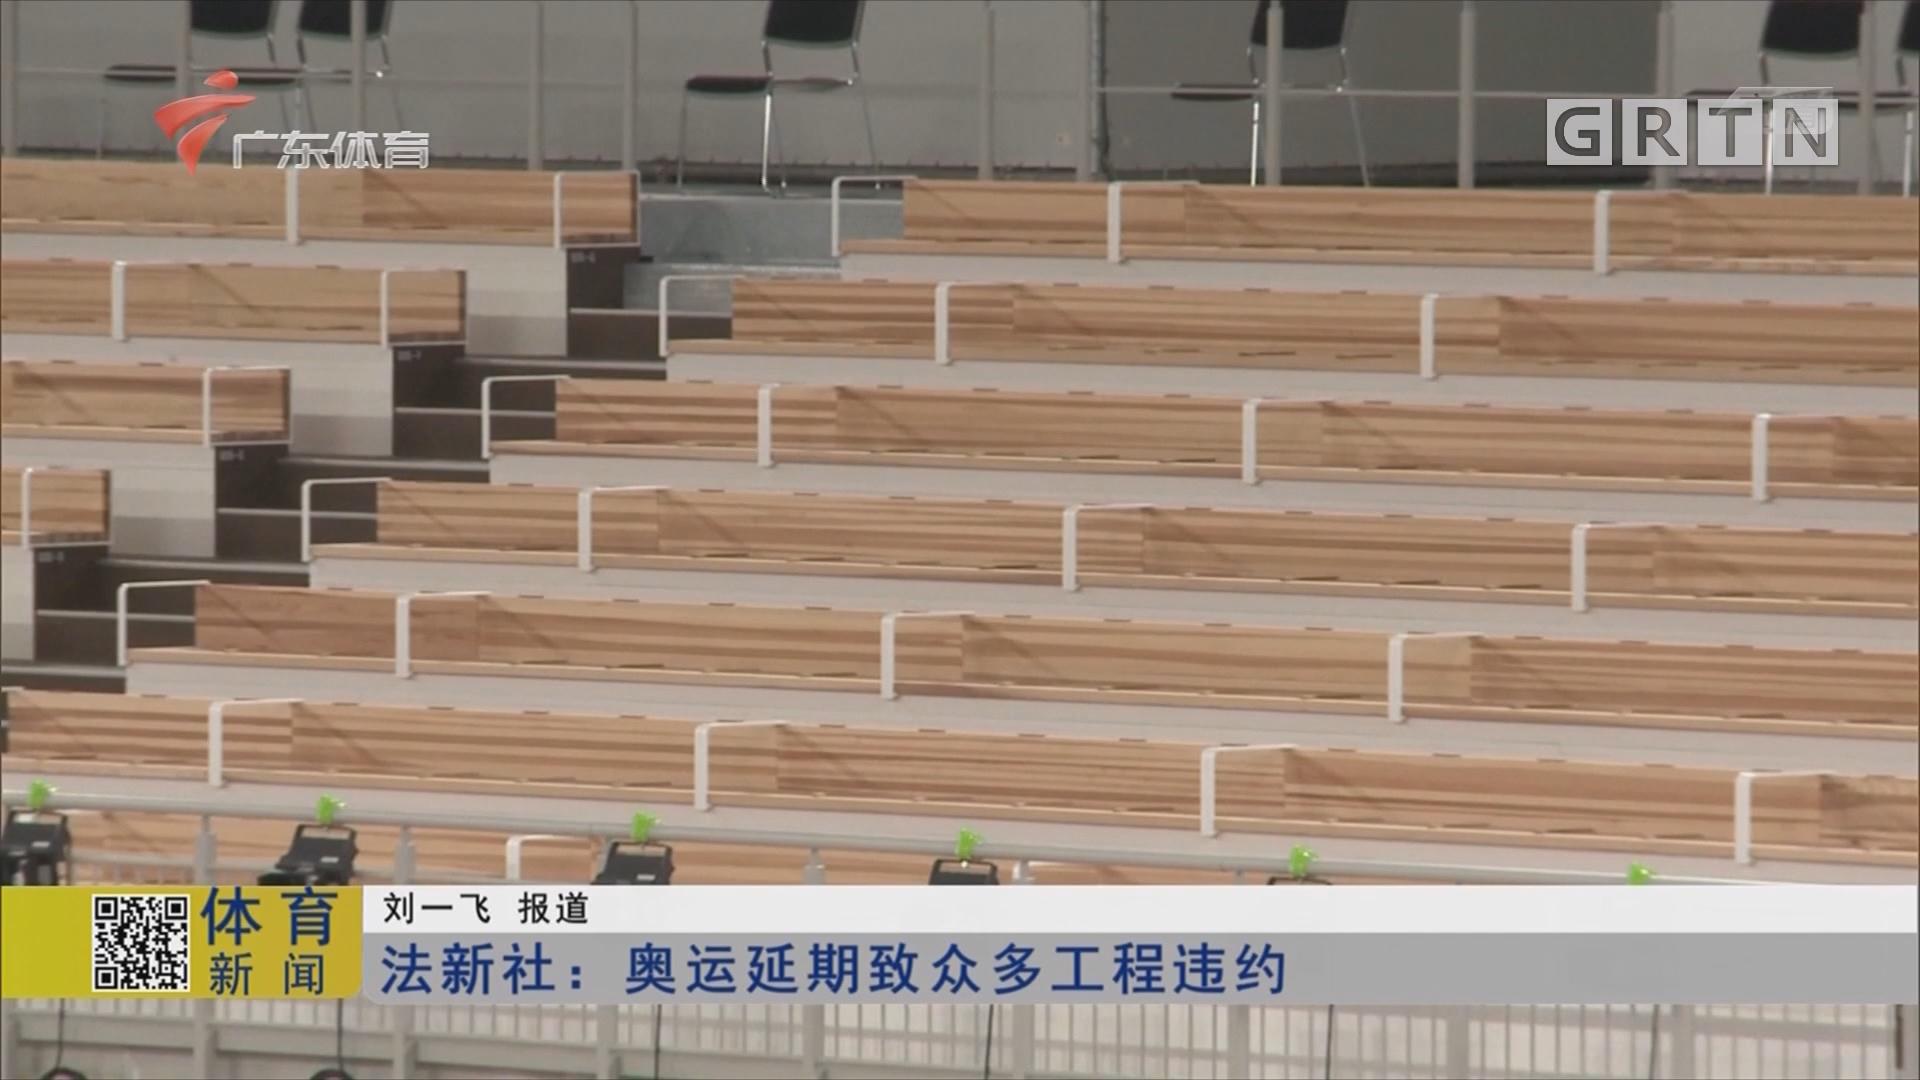 法新社:奥运延期致众多工程违约